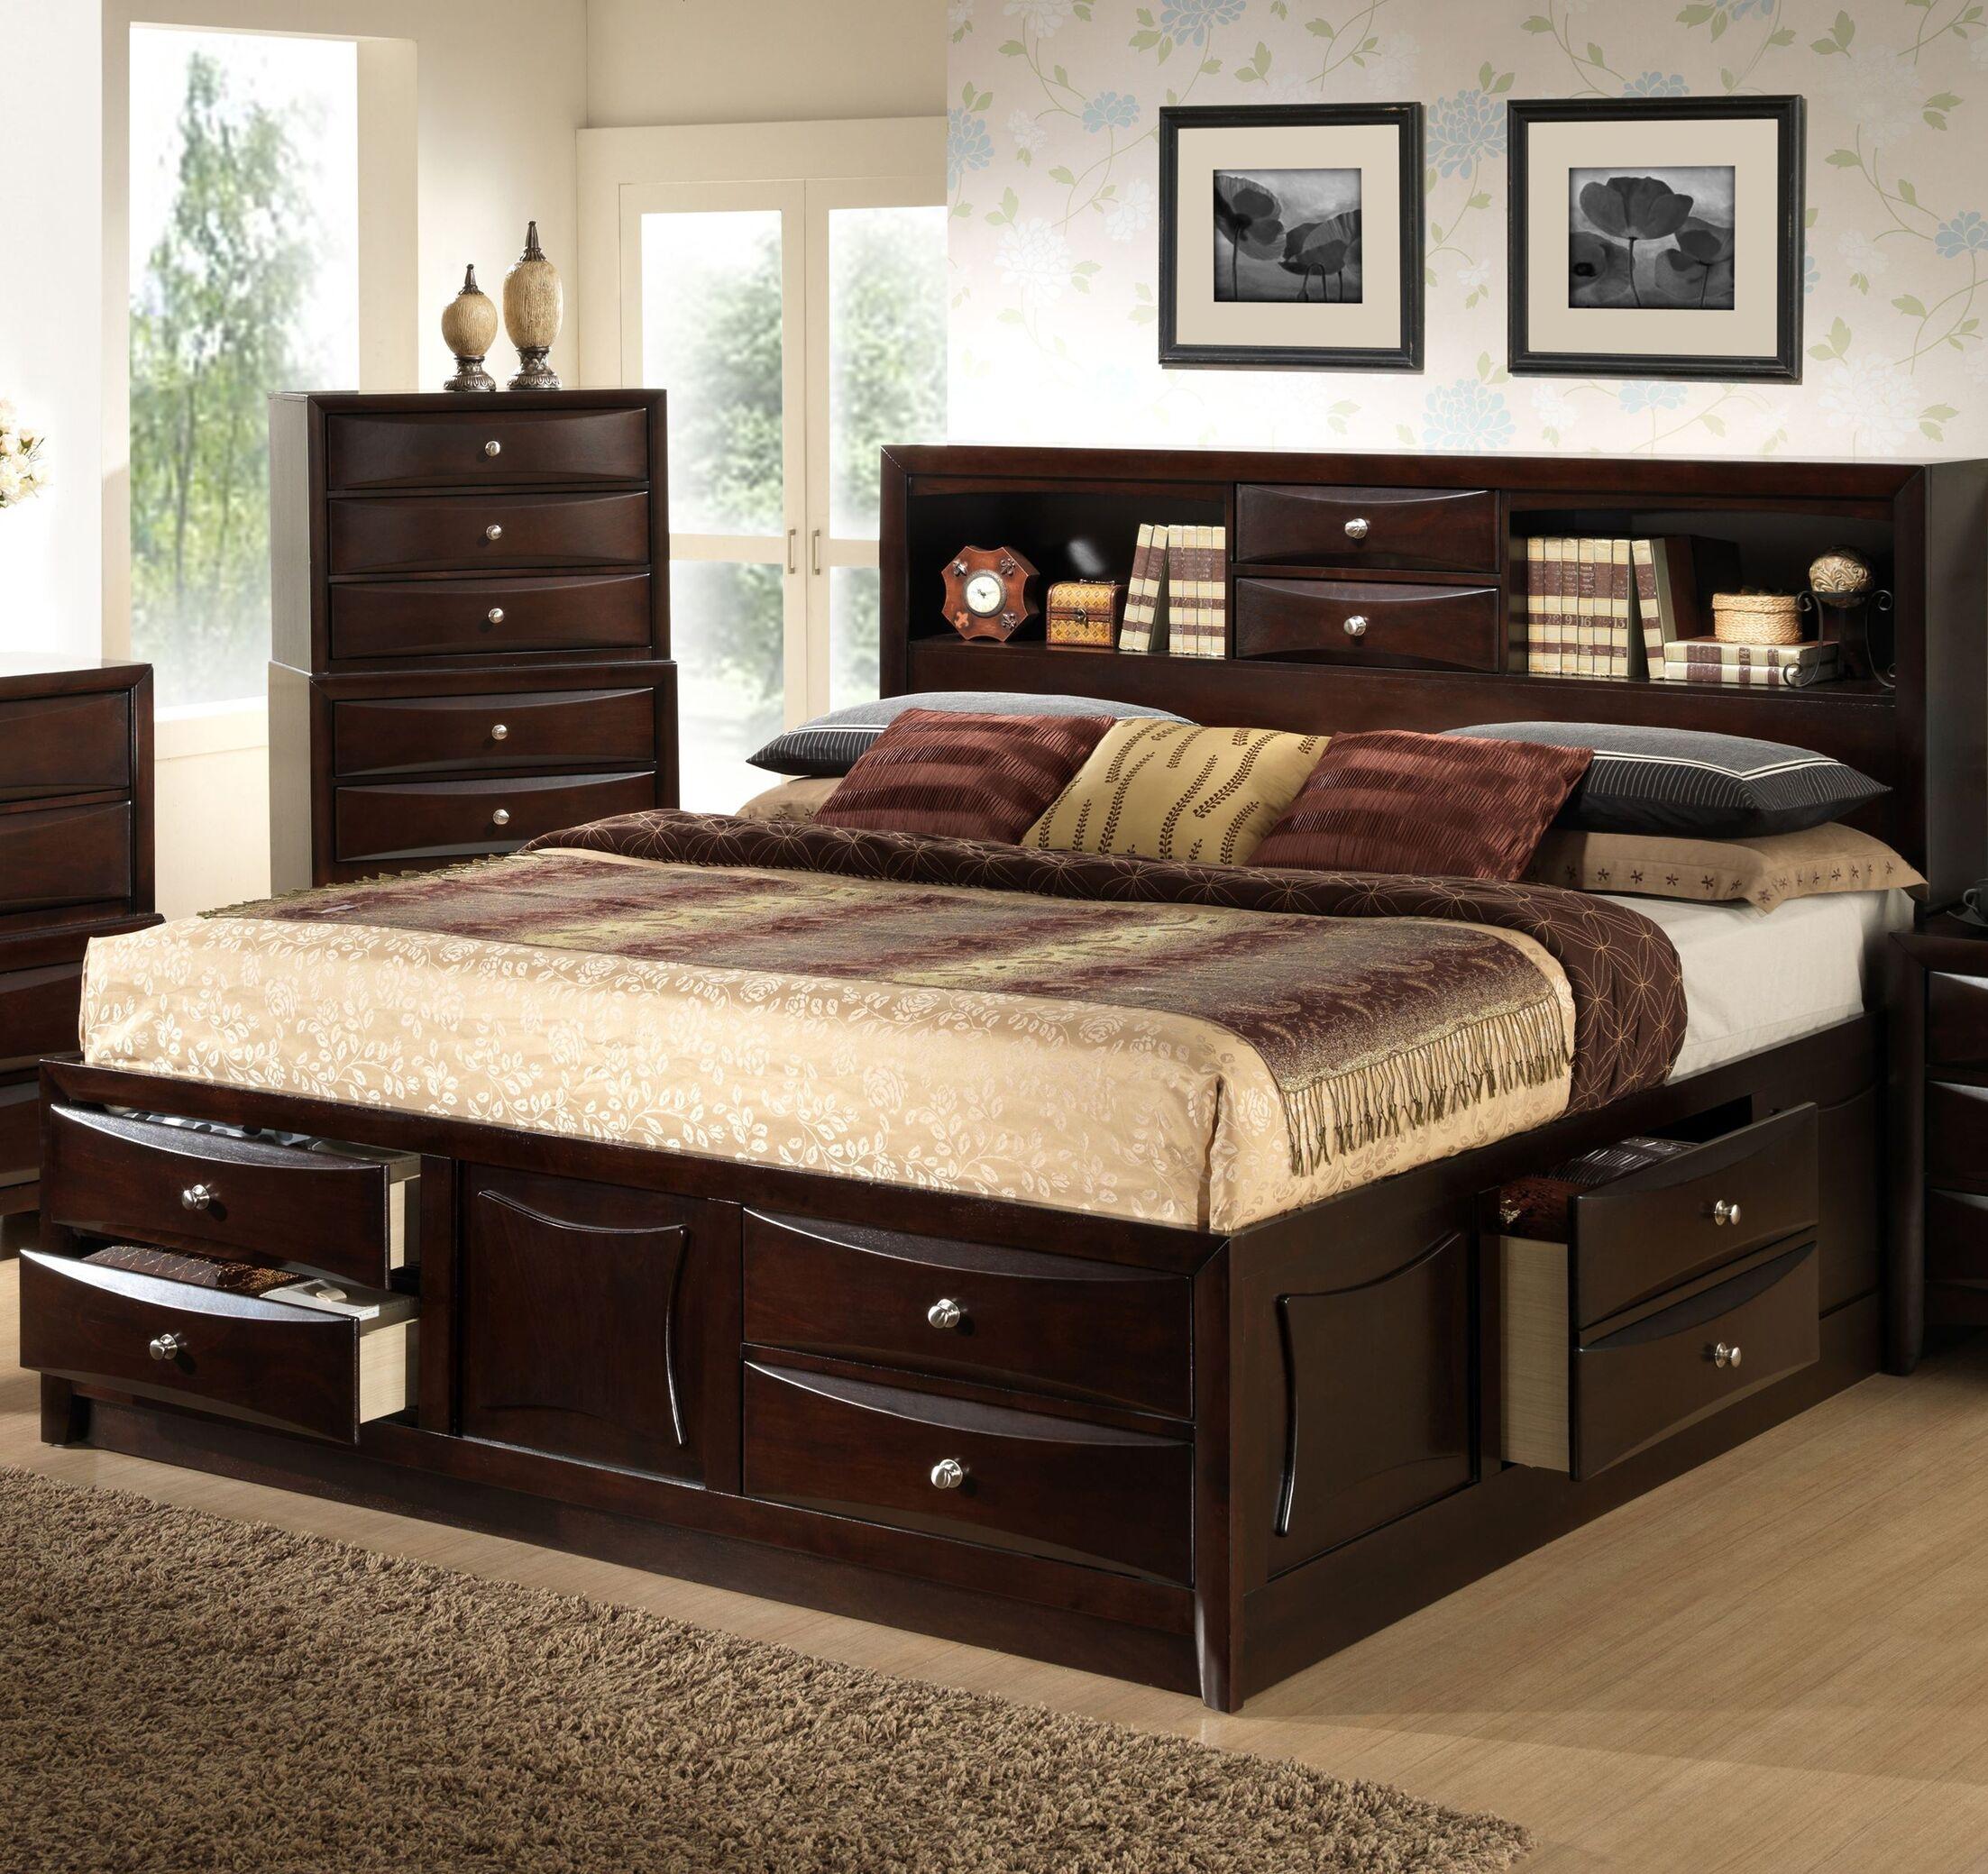 Raffin Storage Platform Bed Size: Queen